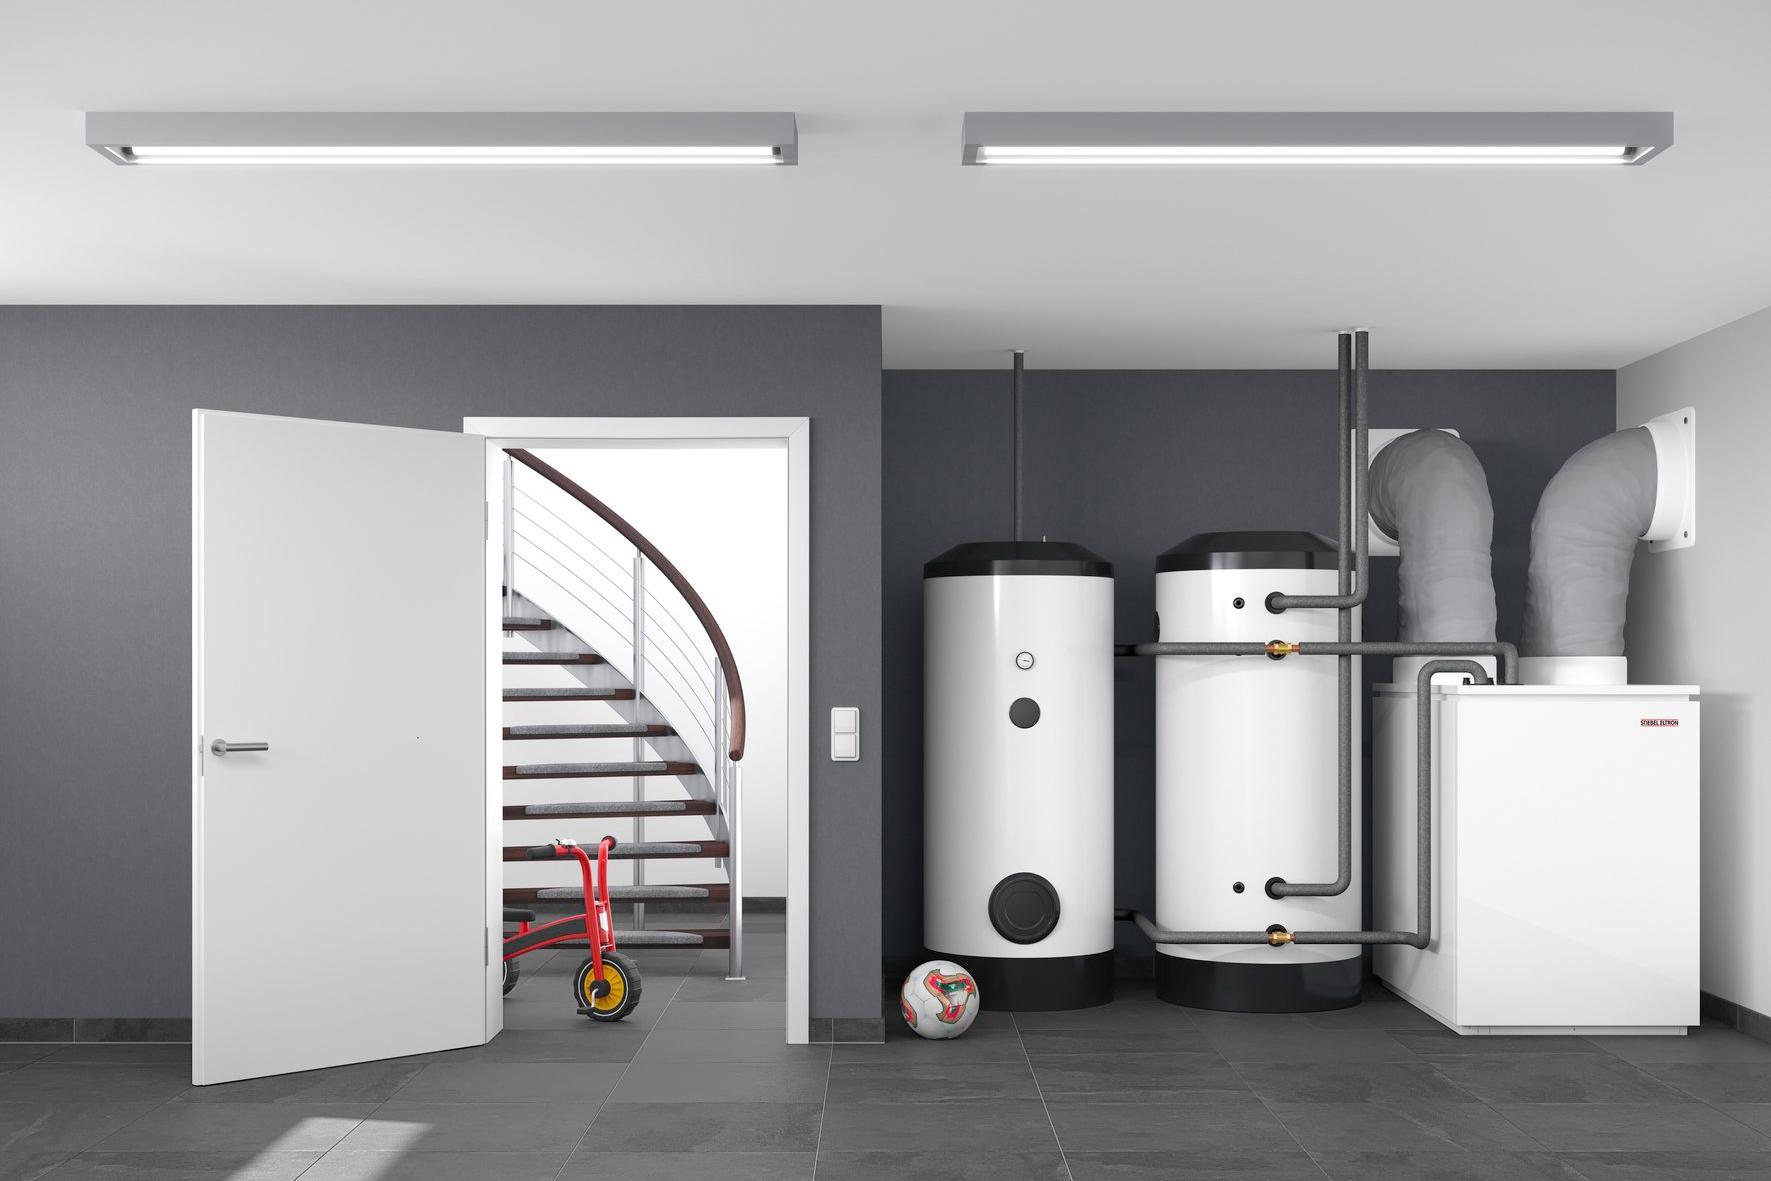 Wärmepumpen nutzen die kostenlose Energie der Umwelt, die aus Boden, Grundwasser oder Luft gewonnen wird. Sie sind damit die umweltfreundliche Alternative zu konventionellen Heizsystemen, schonen Ressourcen und senken CO2-Emissionen drastisch. Werden zusätzlich aktuelle Fördermöglichkeiten optimal ausgeschöpft, sind Wärmepumpen für Bauherren wie für Sanierer besonders attraktiv. Bild: tdx/Stiebel Eltron